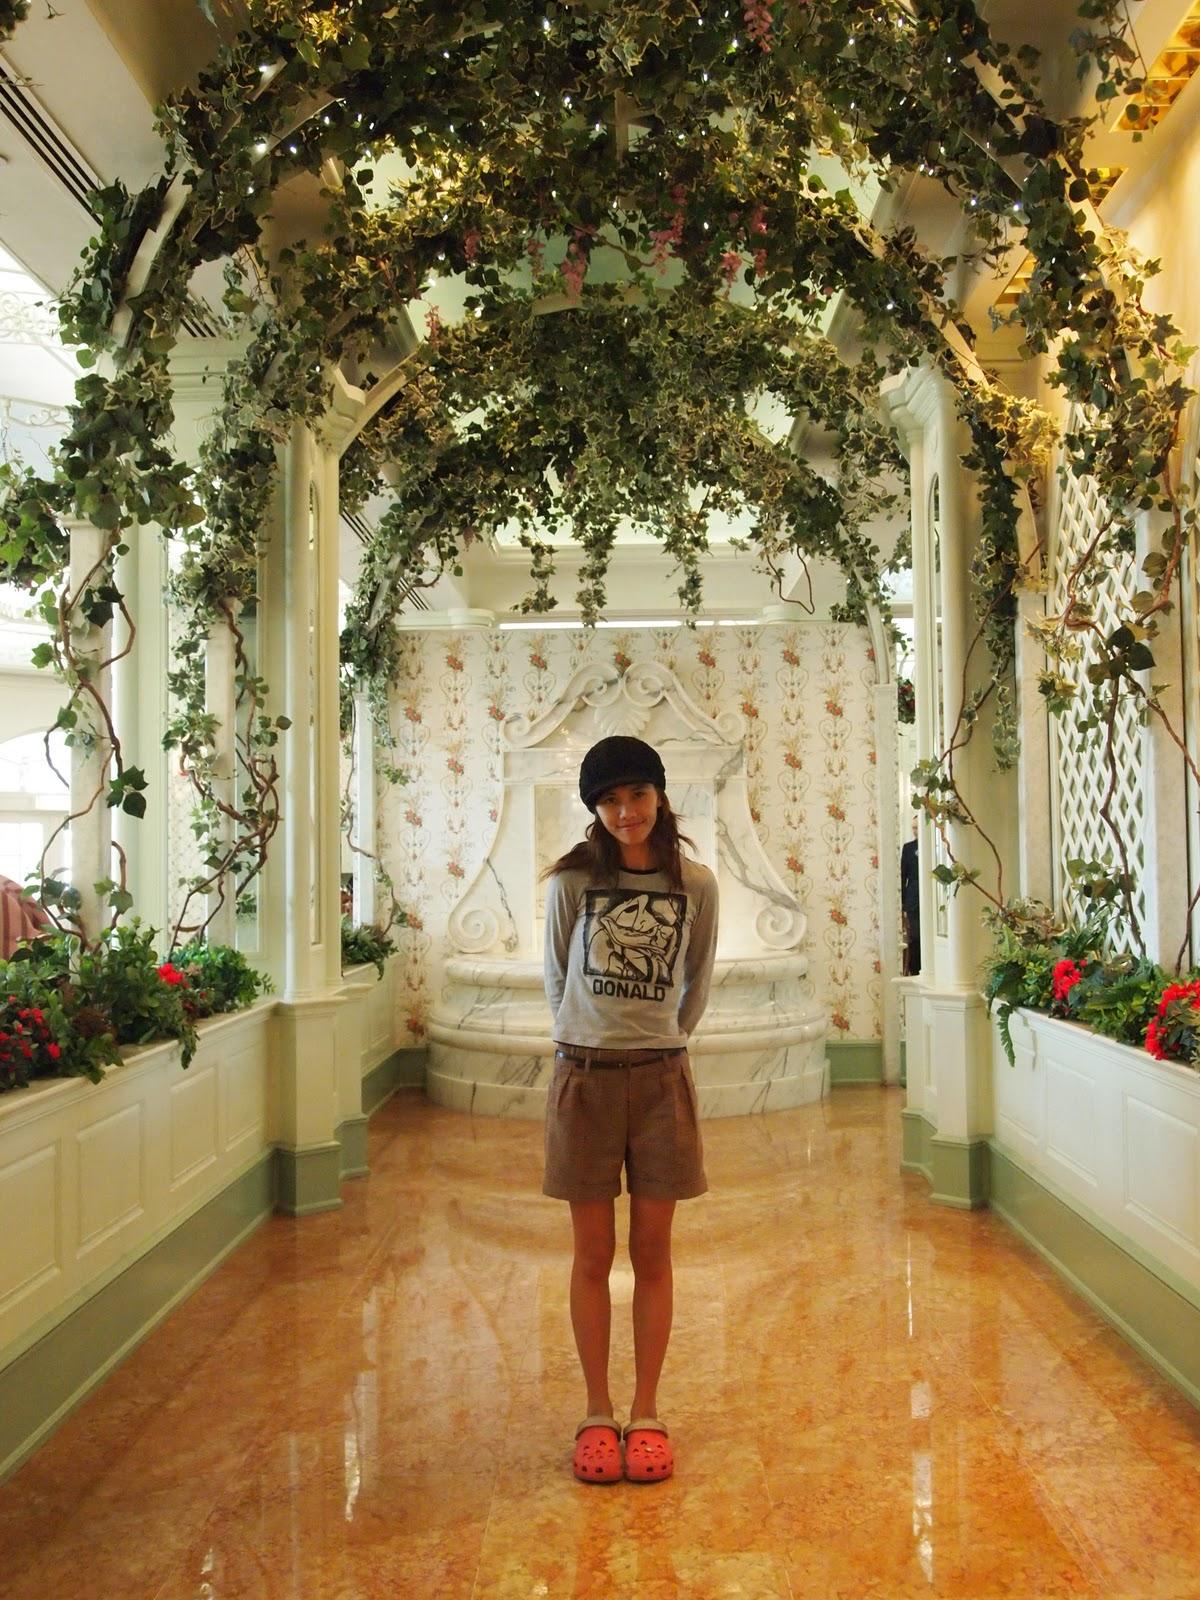 Enchanted Garden: Enchanted Garden, Hong Kong Disneyland Hotel.